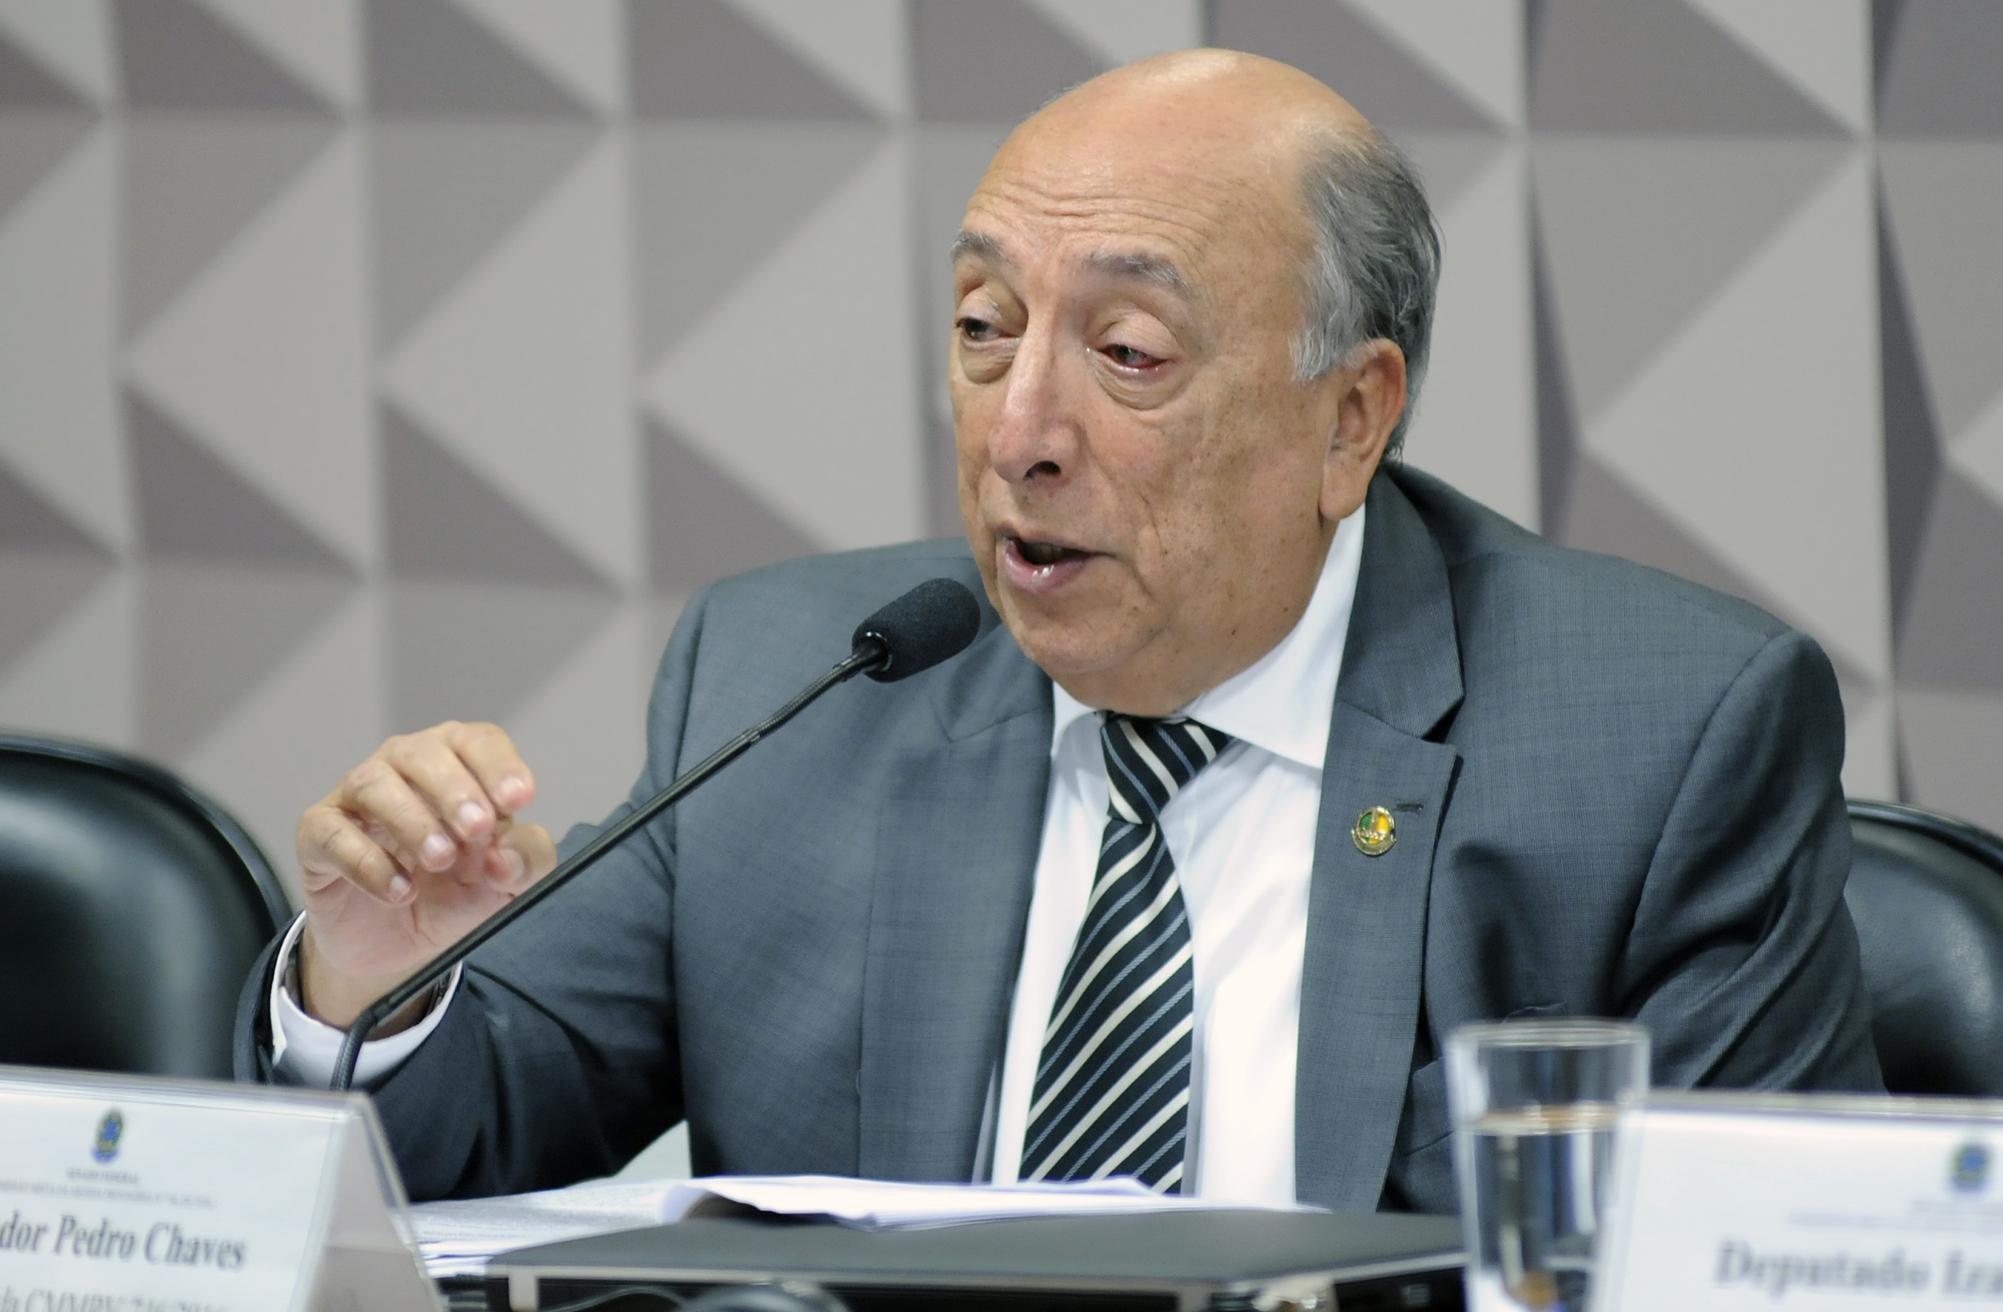 Comissão Mista sobre a MP 746/16, que analisa a reforma no ensino médio. Sen. Pedro Chaves (PSC-MS)